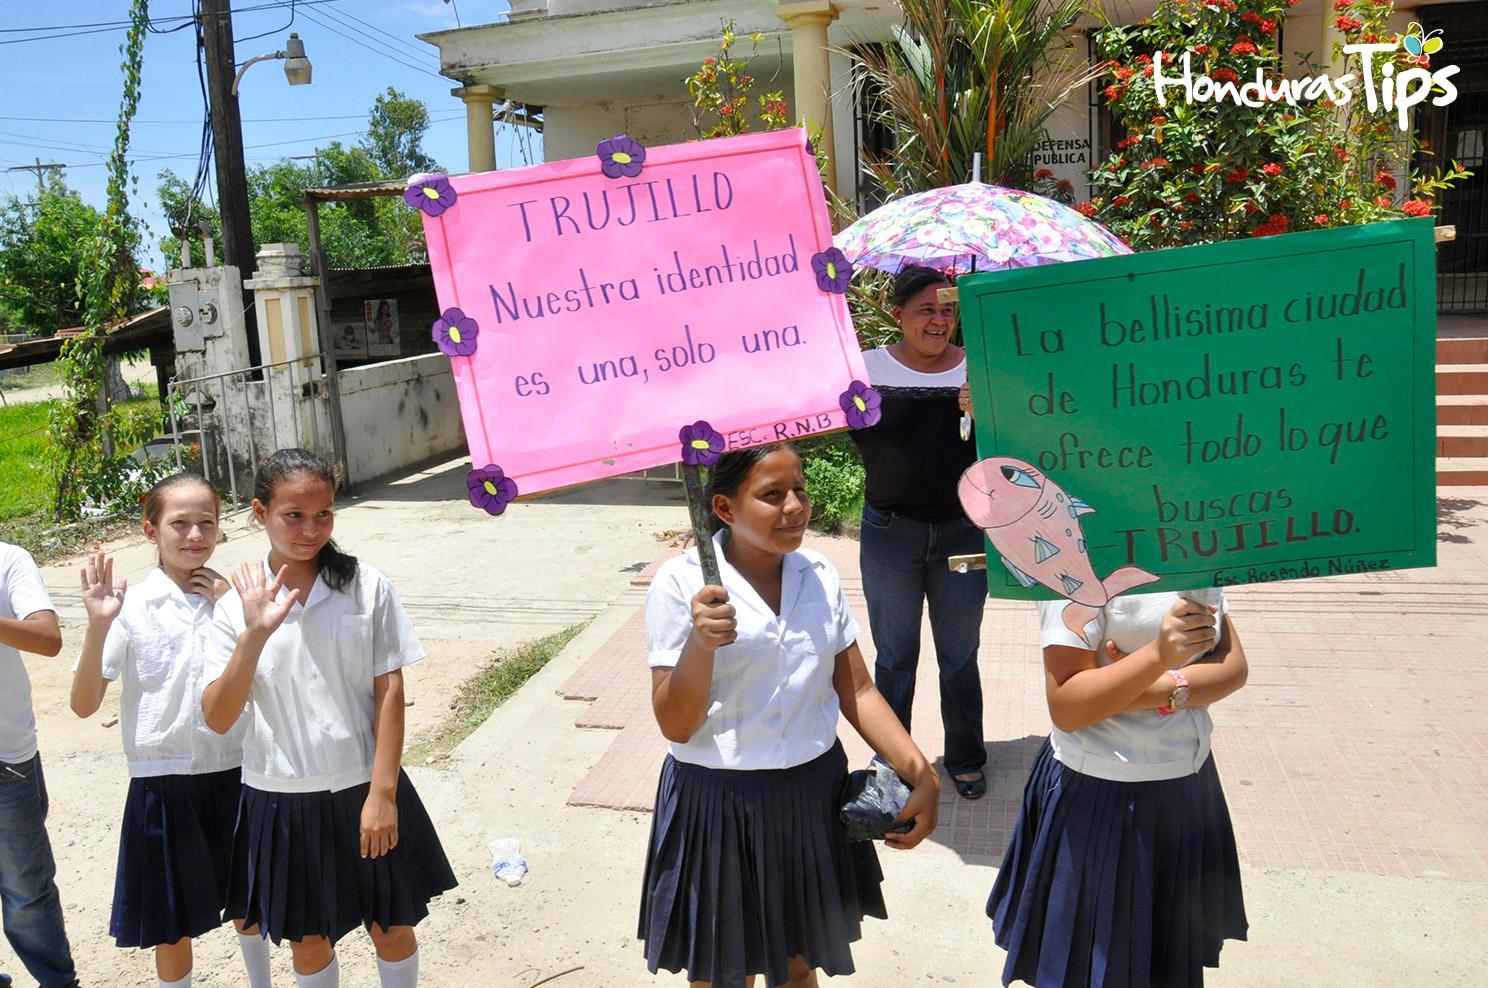 Los alumnos del instituto Rosendo Núñez recibió a Caravana de Identidad con mensajes alusivos a la belleza de Trujillo.